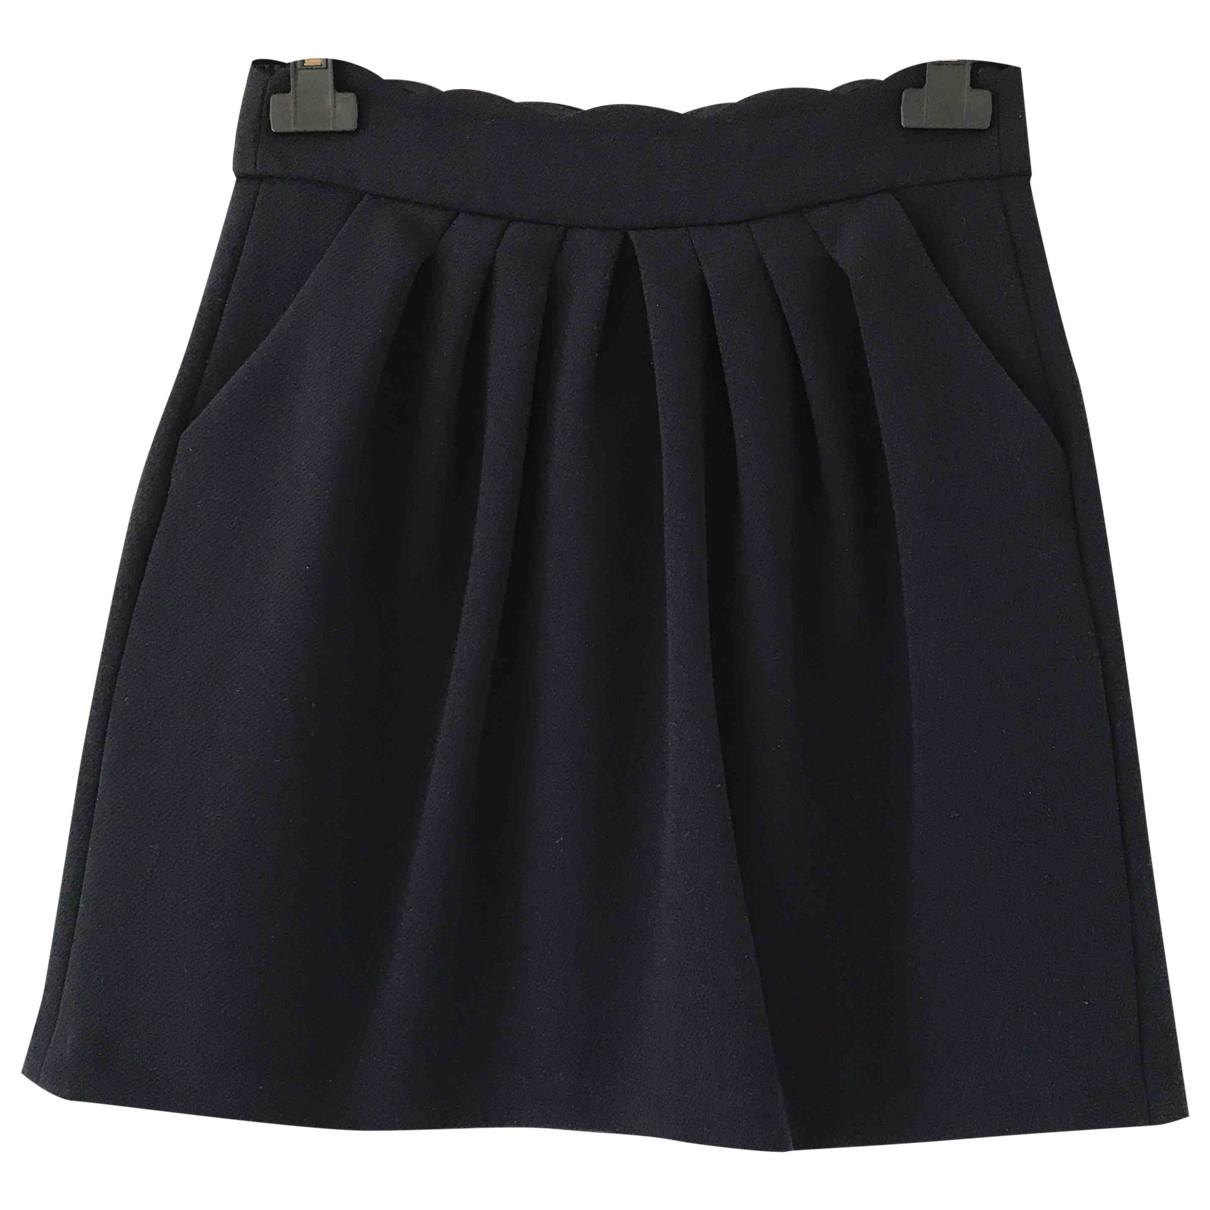 Claudie Pierlot \N Black skirt for Women 36 FR